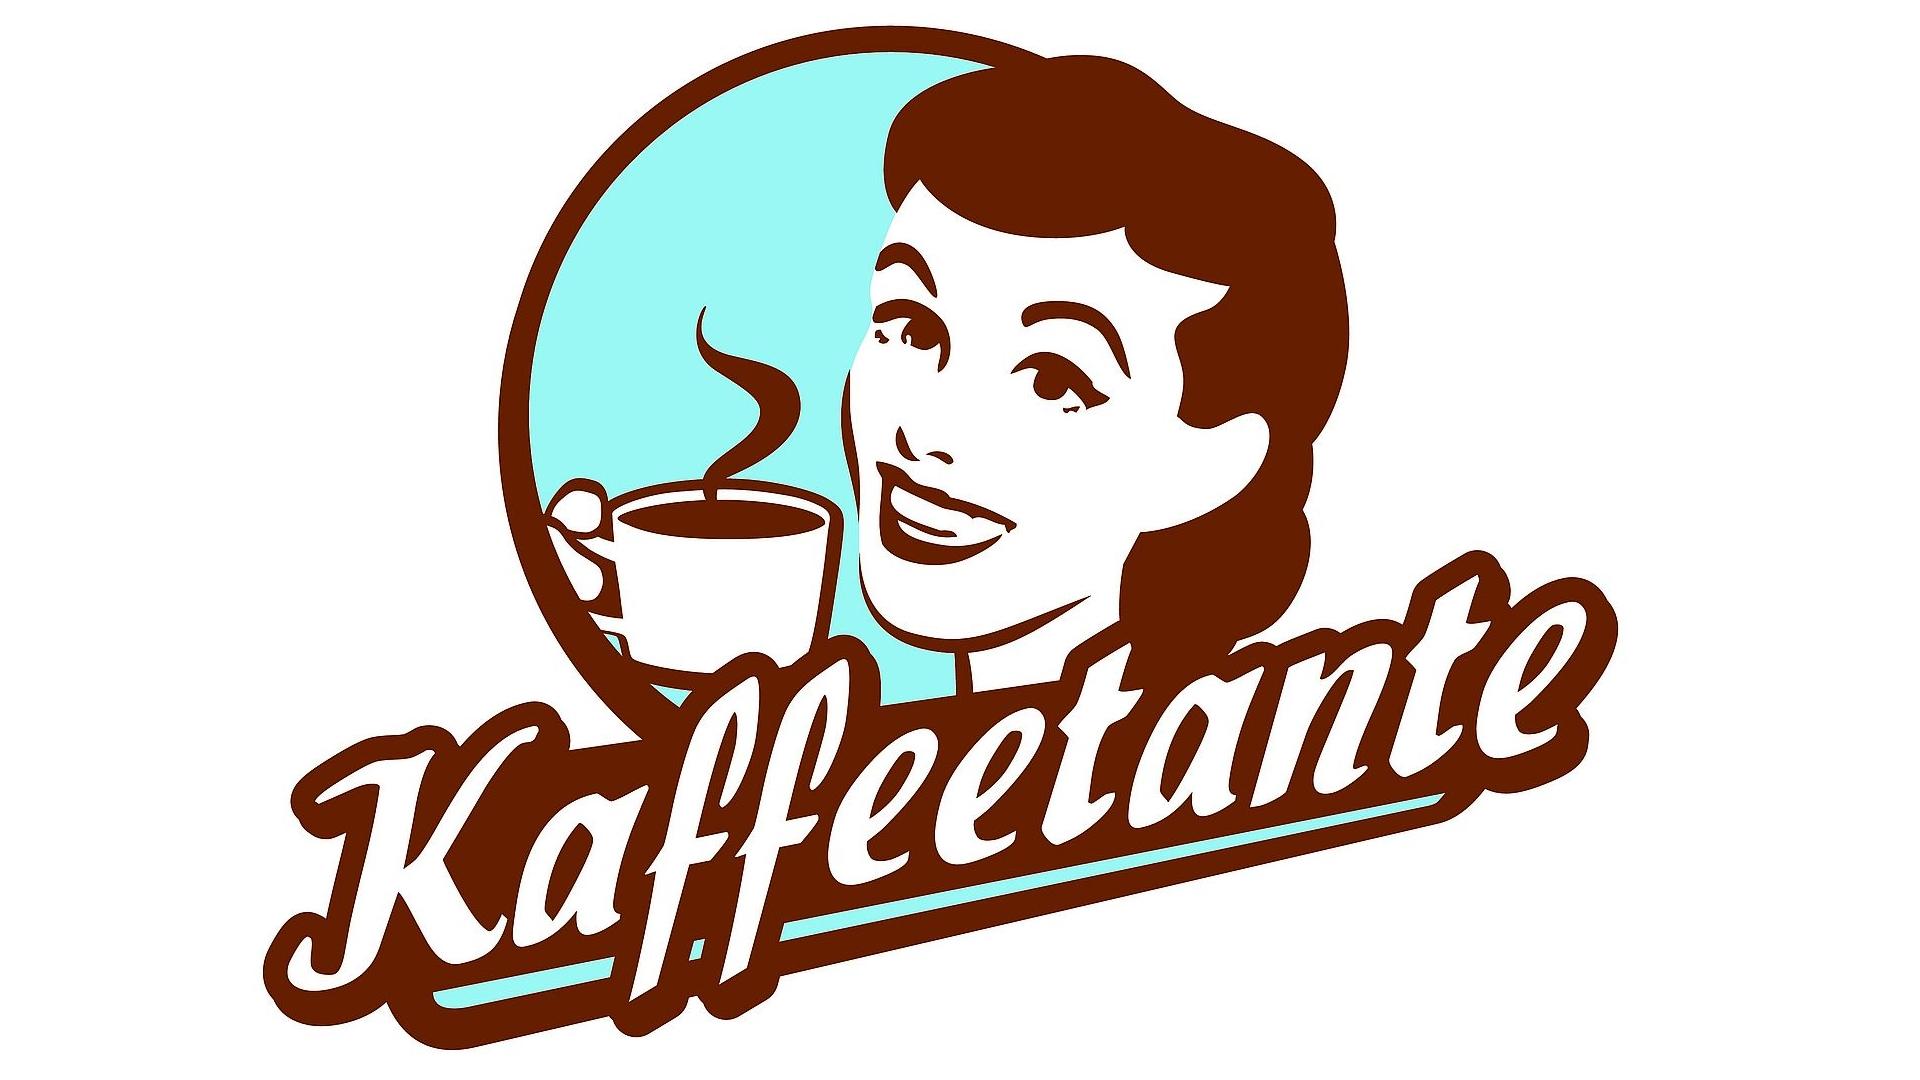 09.06.2019 - Kaffeetanten Café